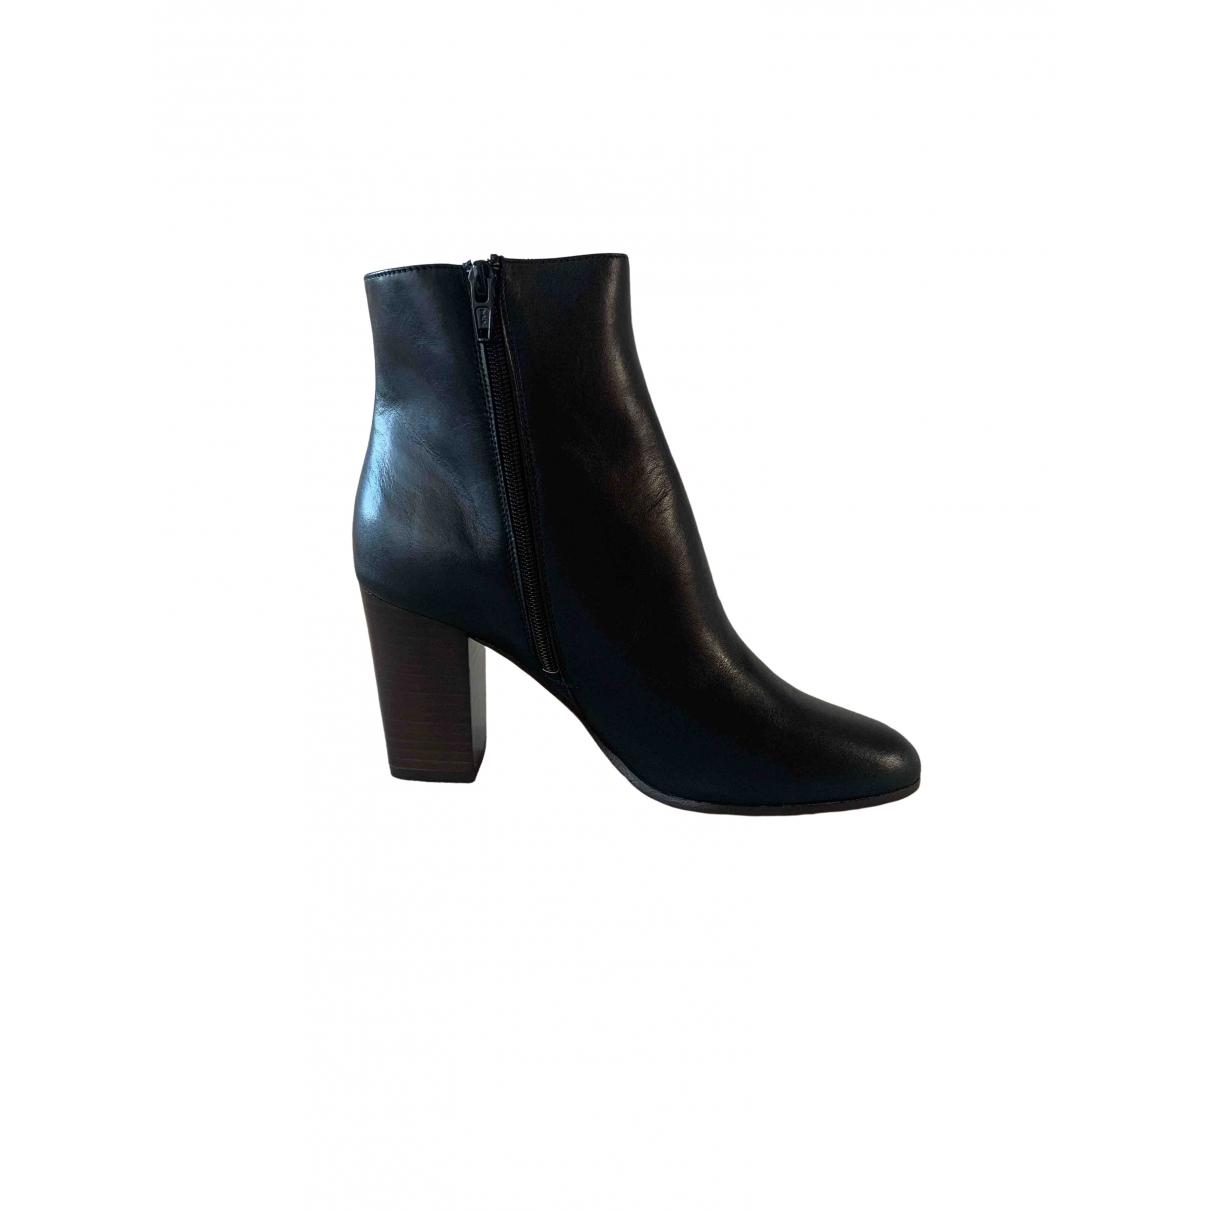 Maje - Boots Fall Winter 2019 pour femme en cuir - noir